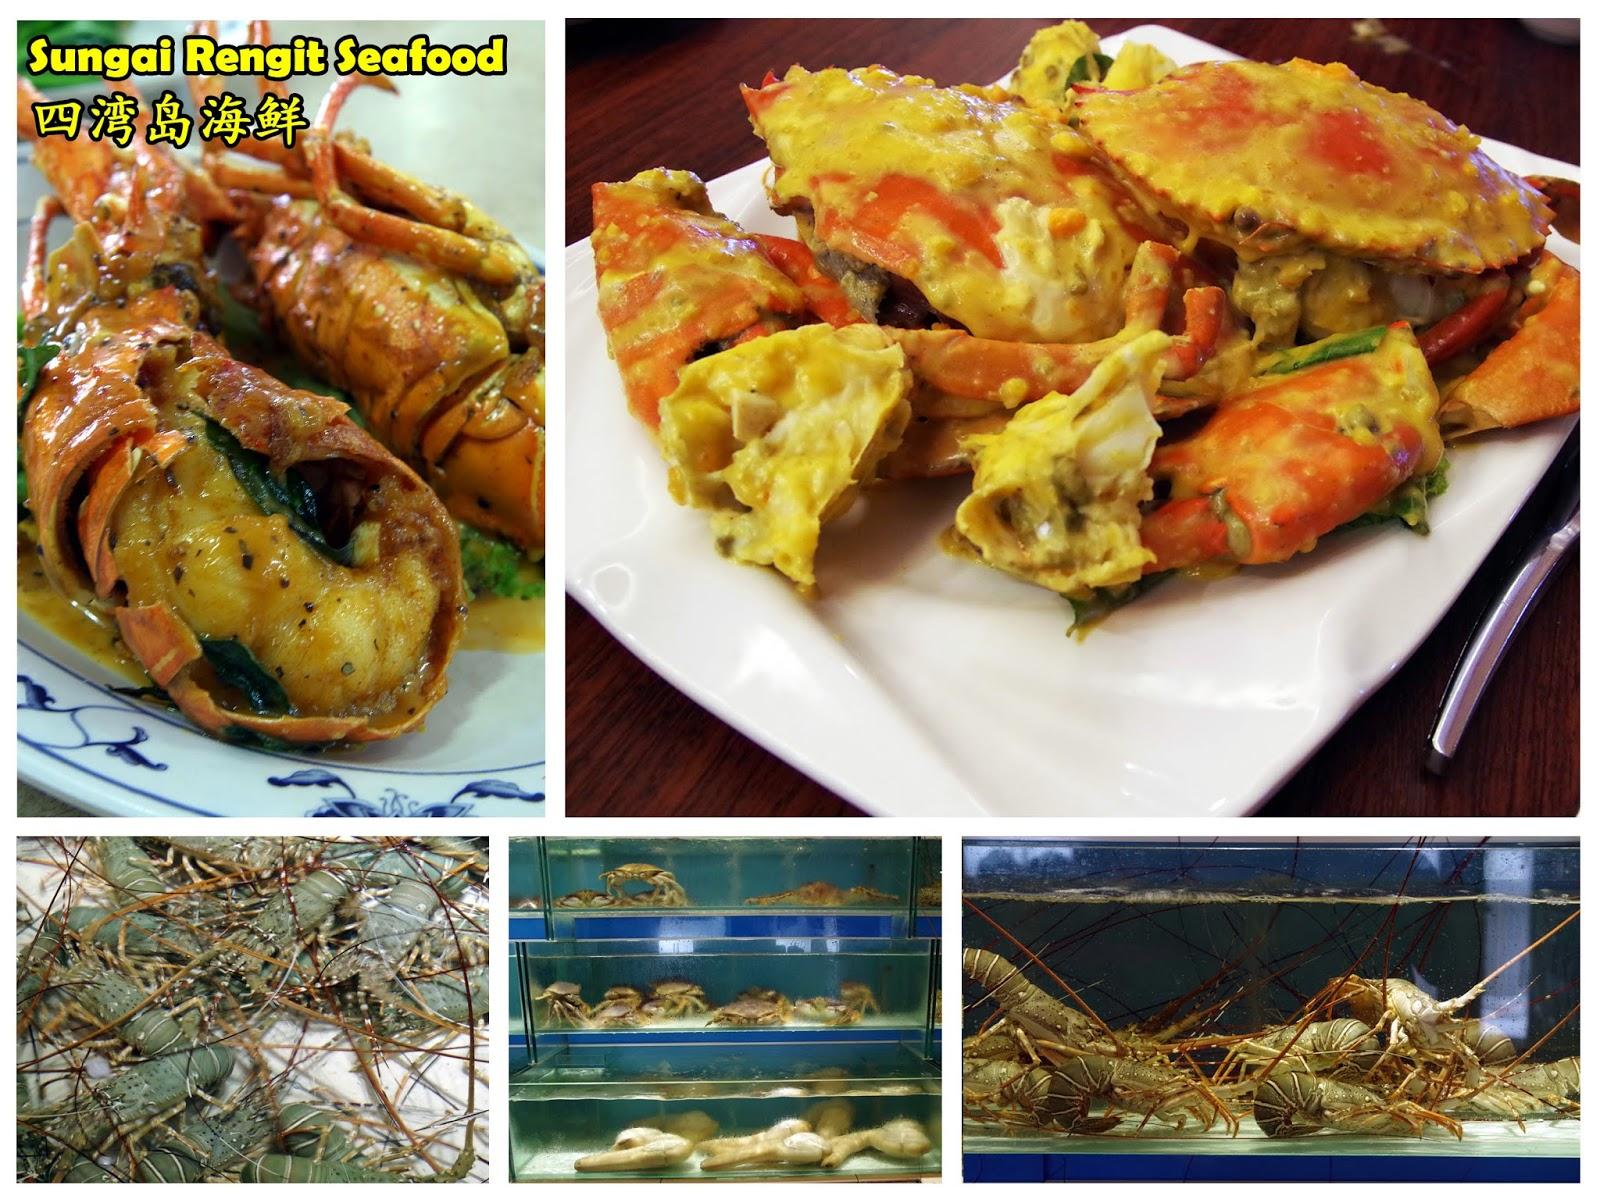 Sungai Rengit Desaru seafood